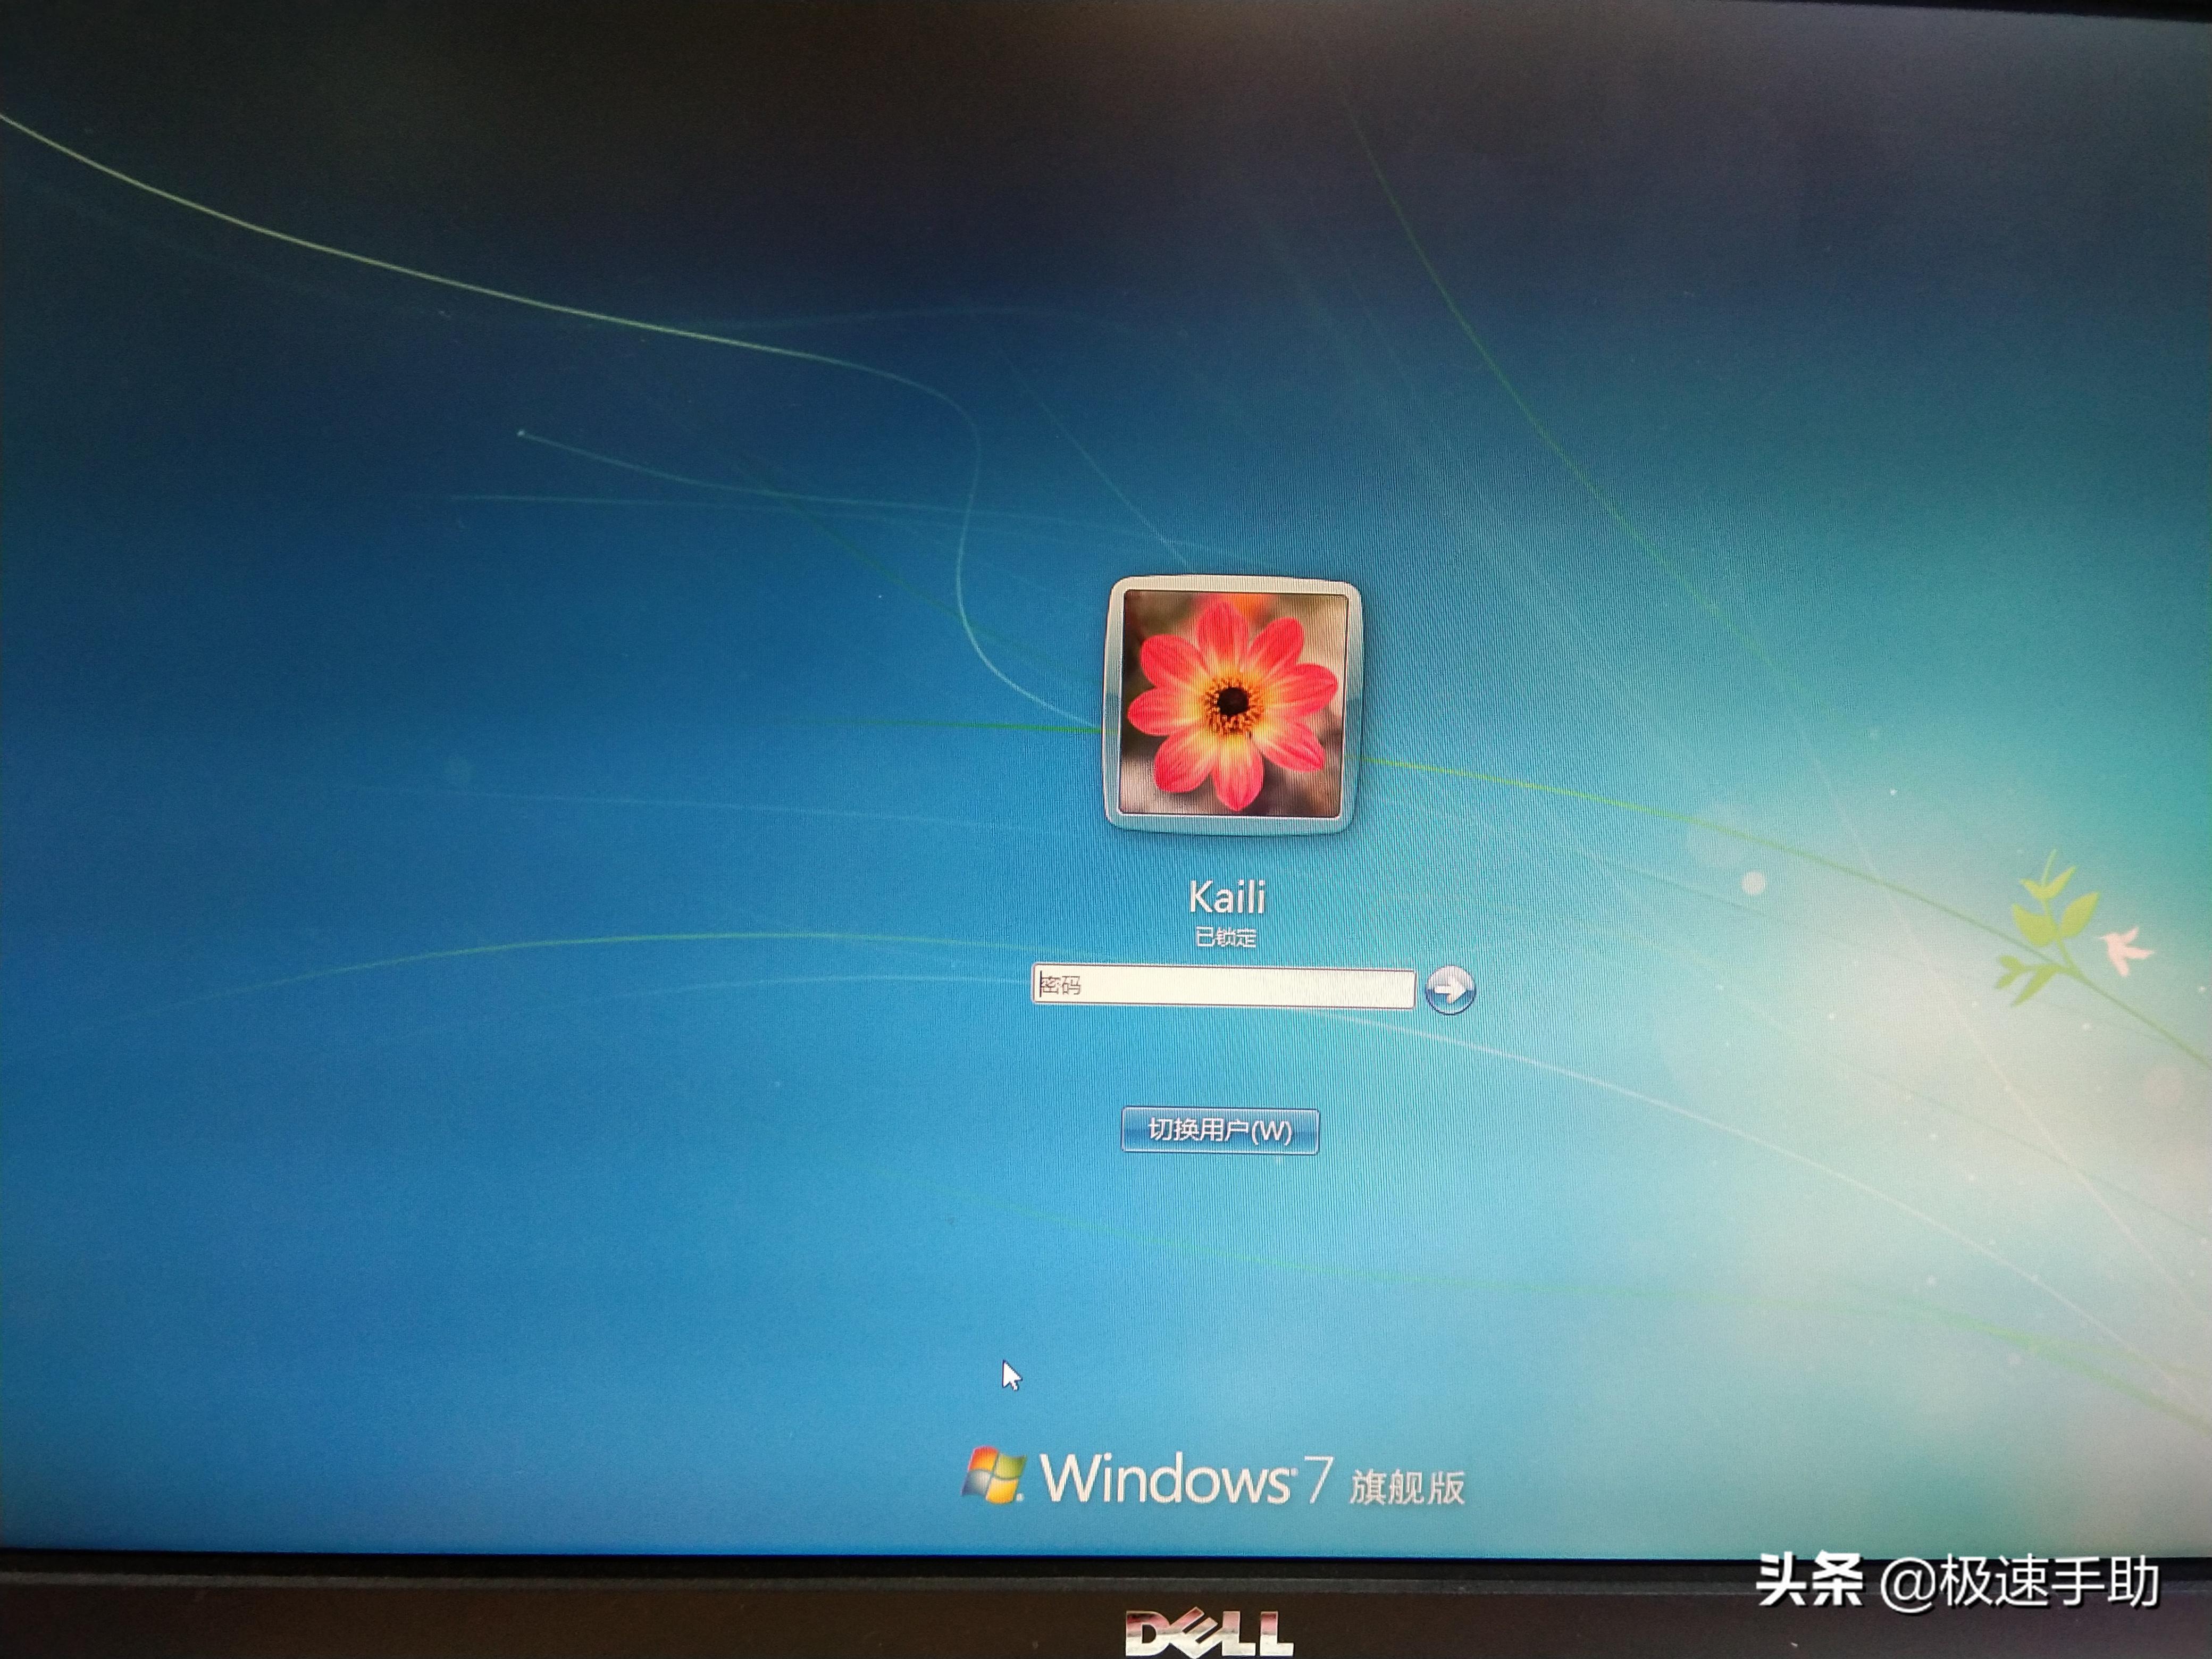 电脑怎么一键锁屏(ctrl加什么是锁屏)